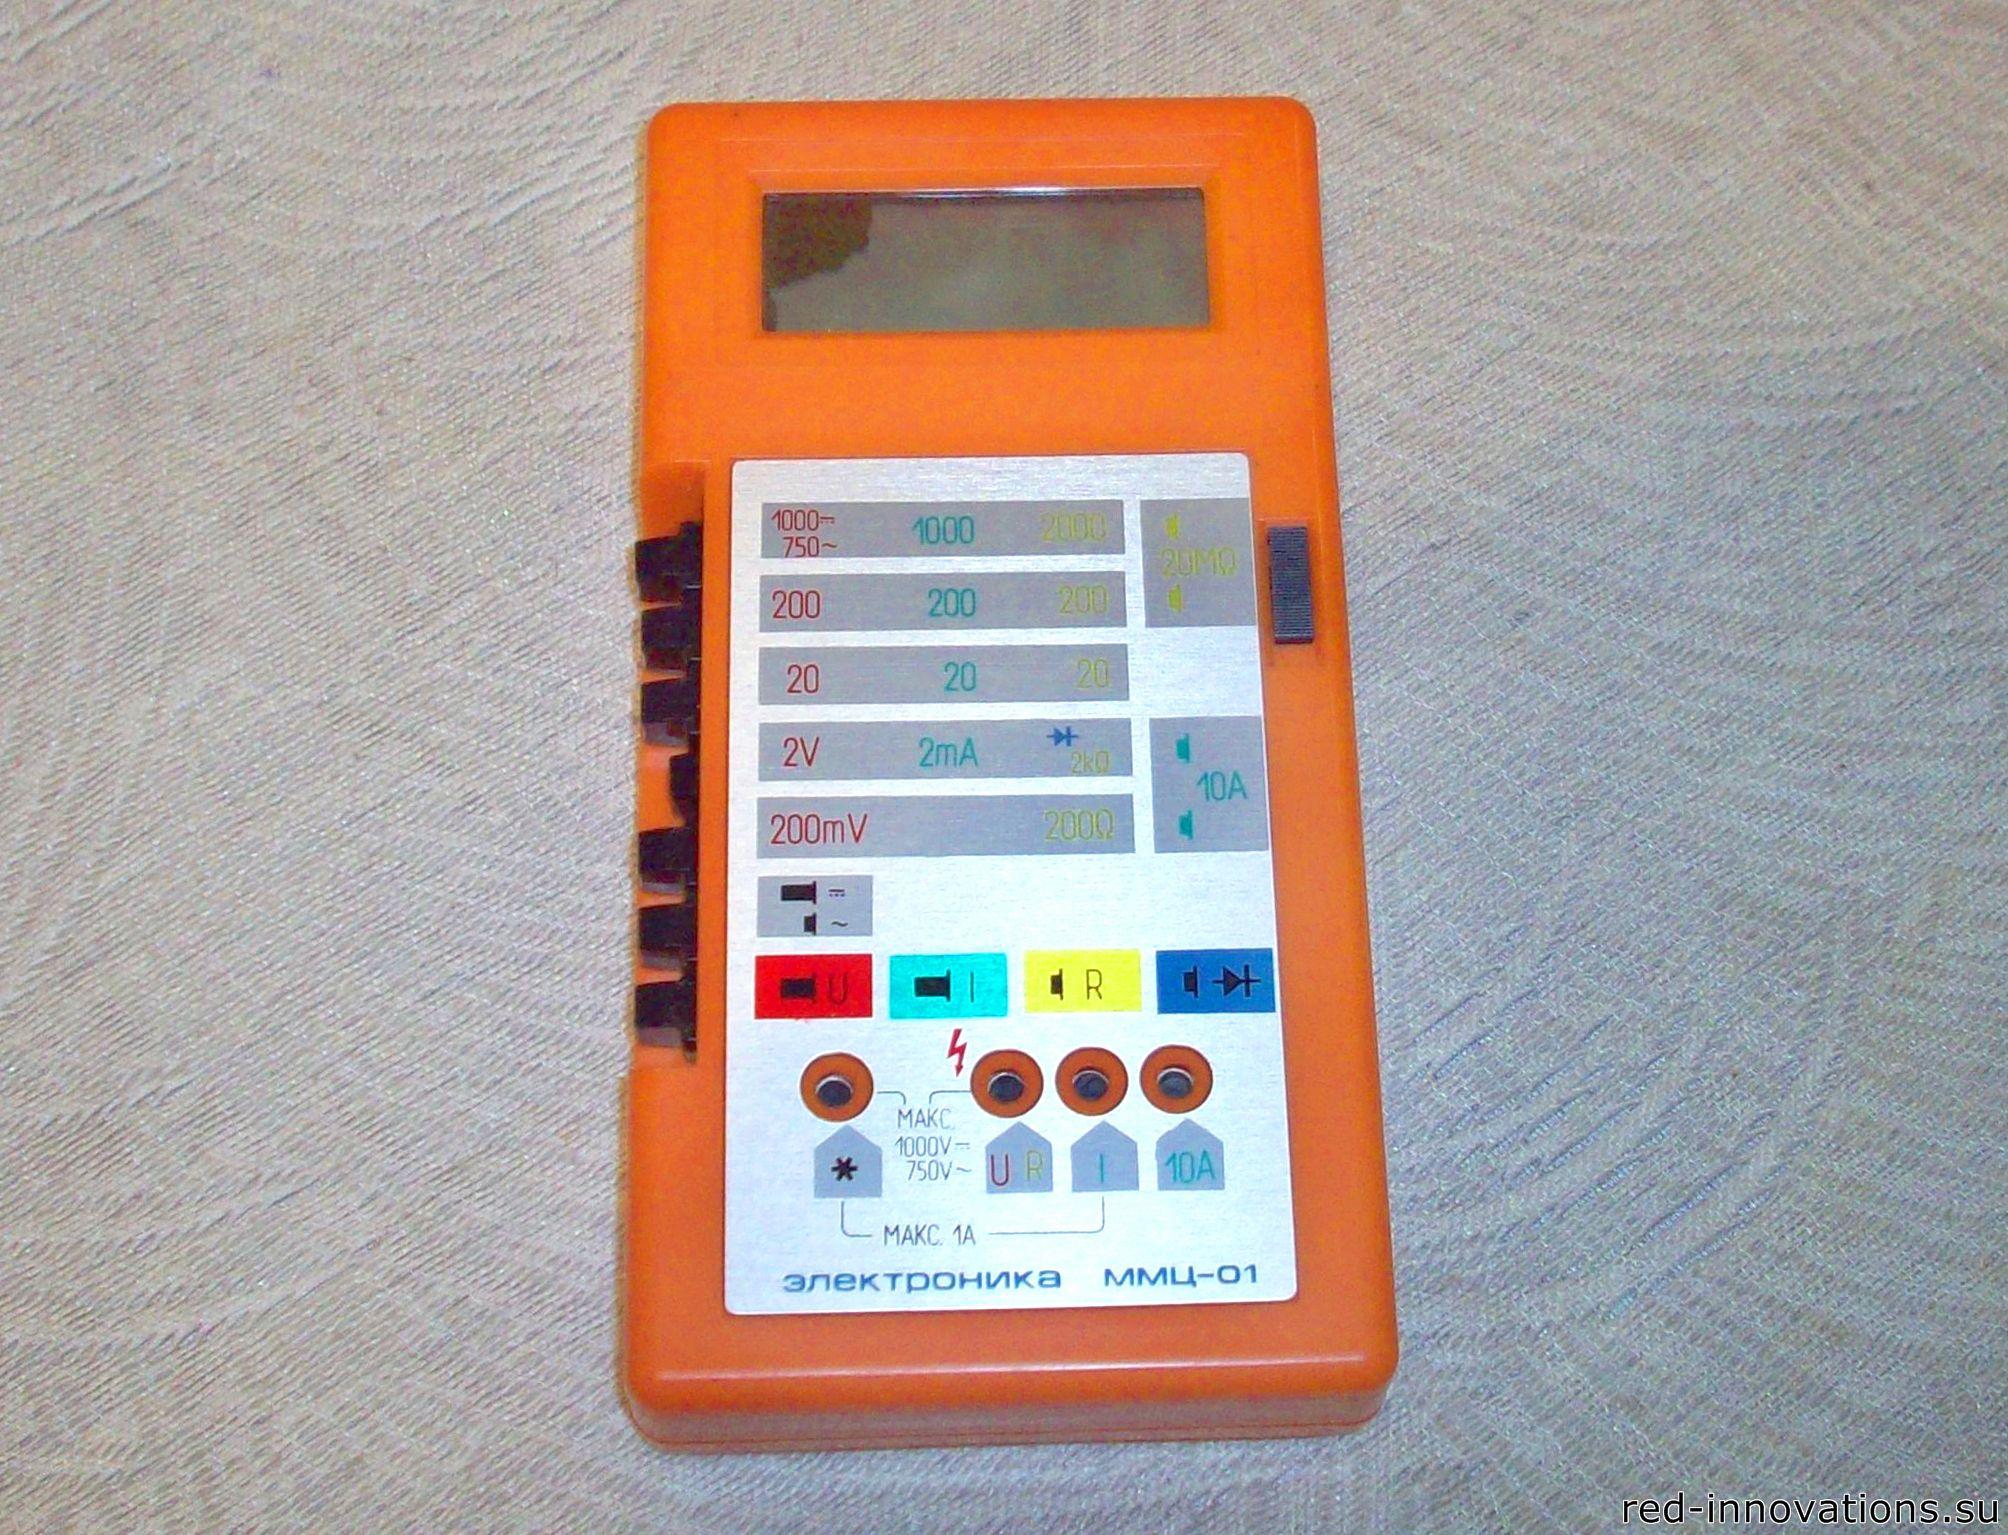 скачать бесплатно инструкцию к мультиметру электроника ммц-01